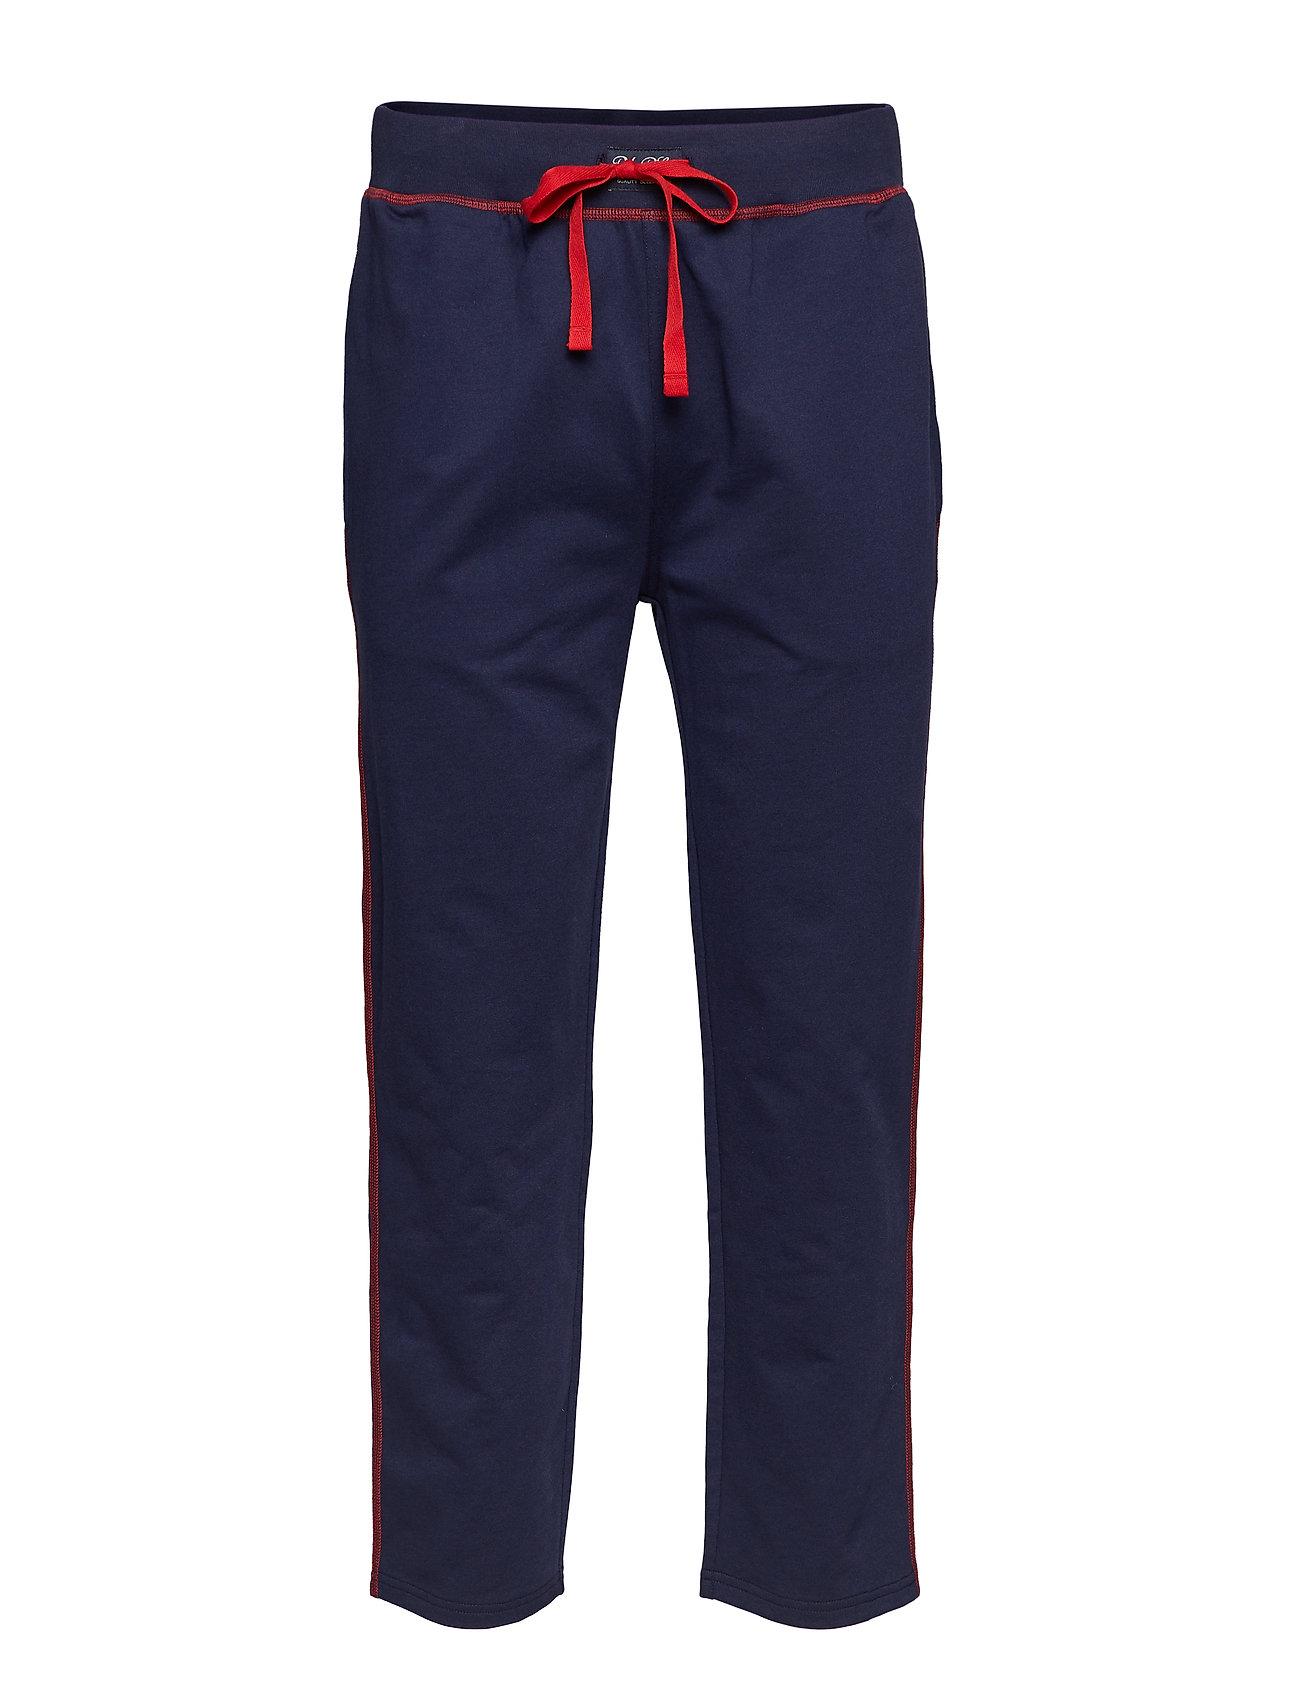 Jersey 20Polo Underwear slbcruise Ralph Rl Navy spn Lauren xroCdBe